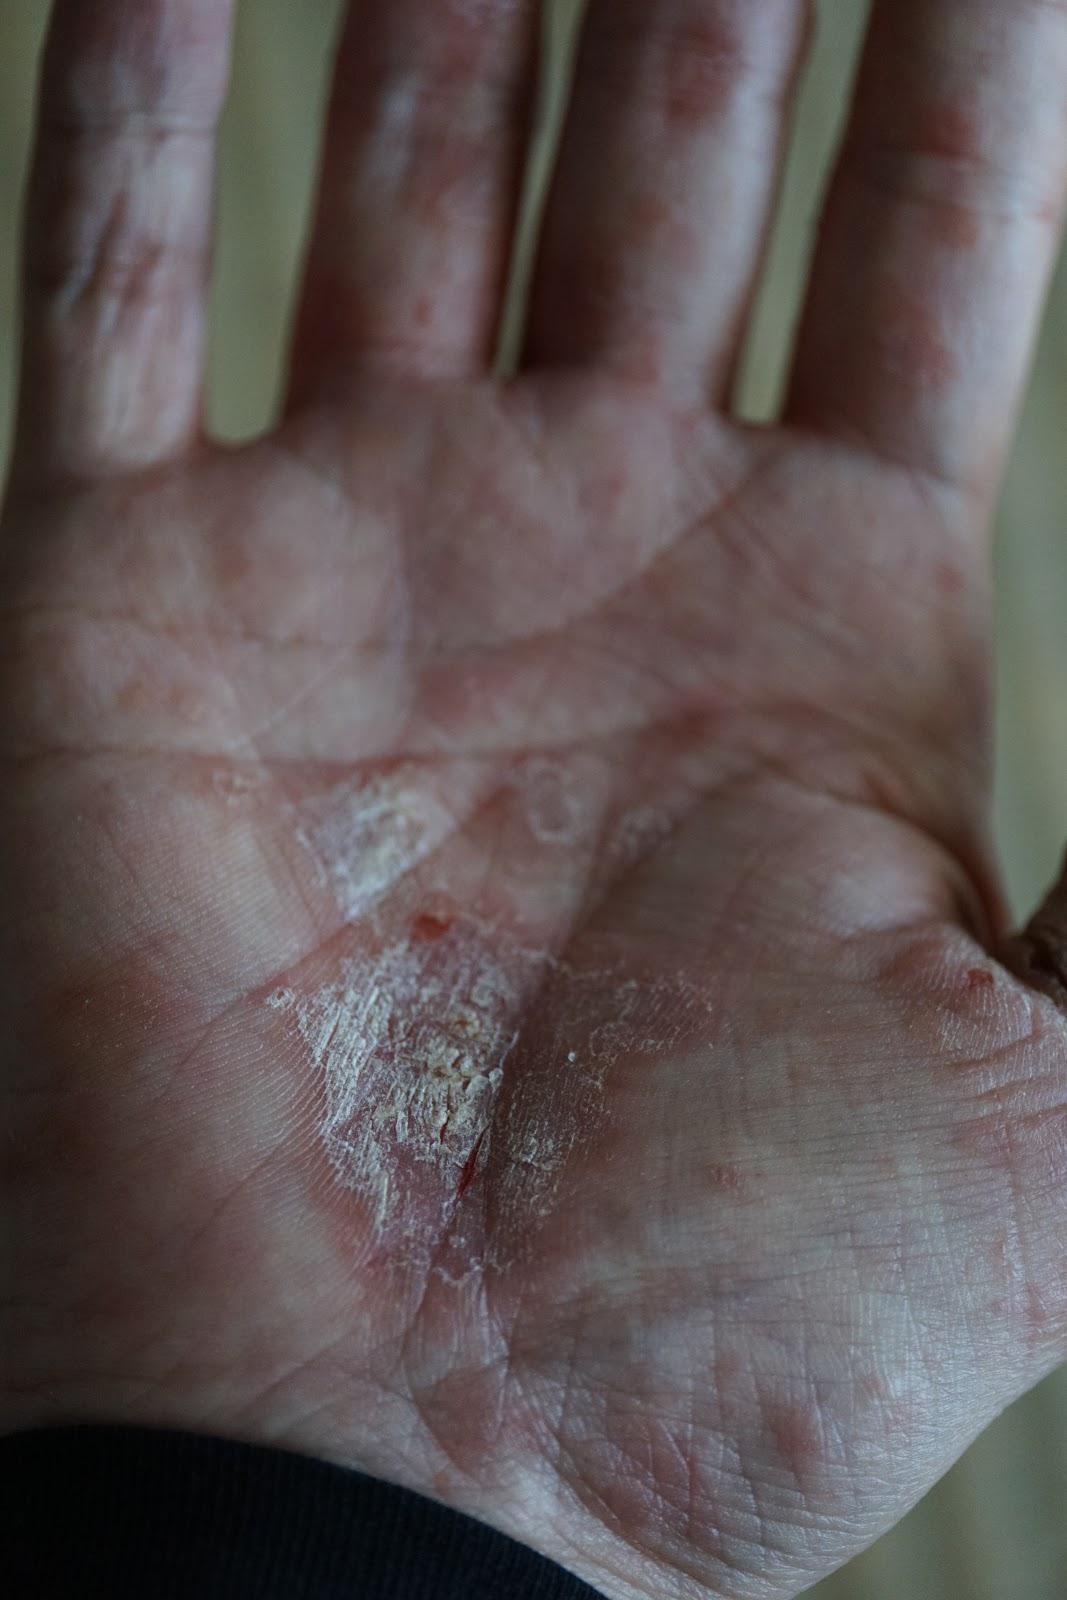 手荒れ/スマホ指荒れの炎症を起こした右の掌